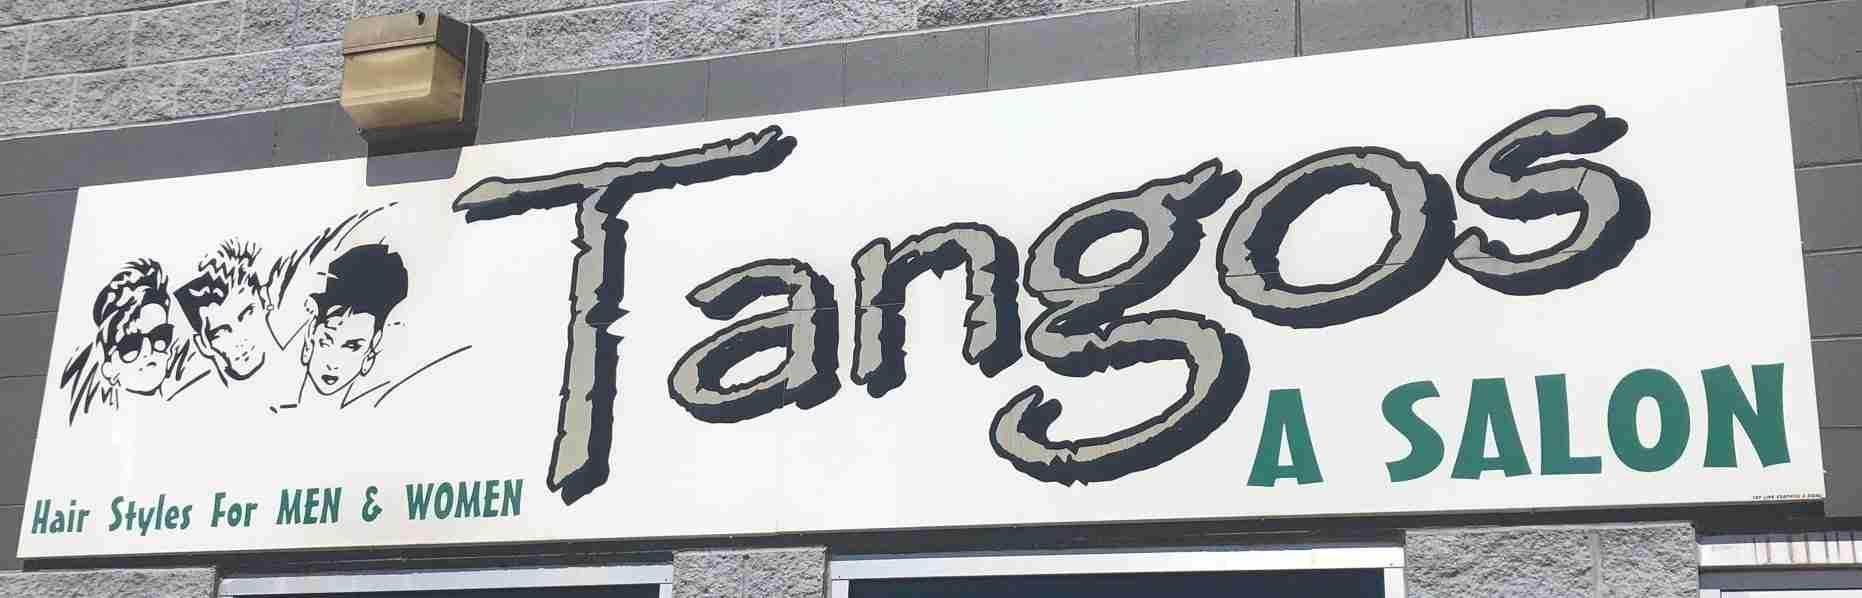 Tangos A Salon